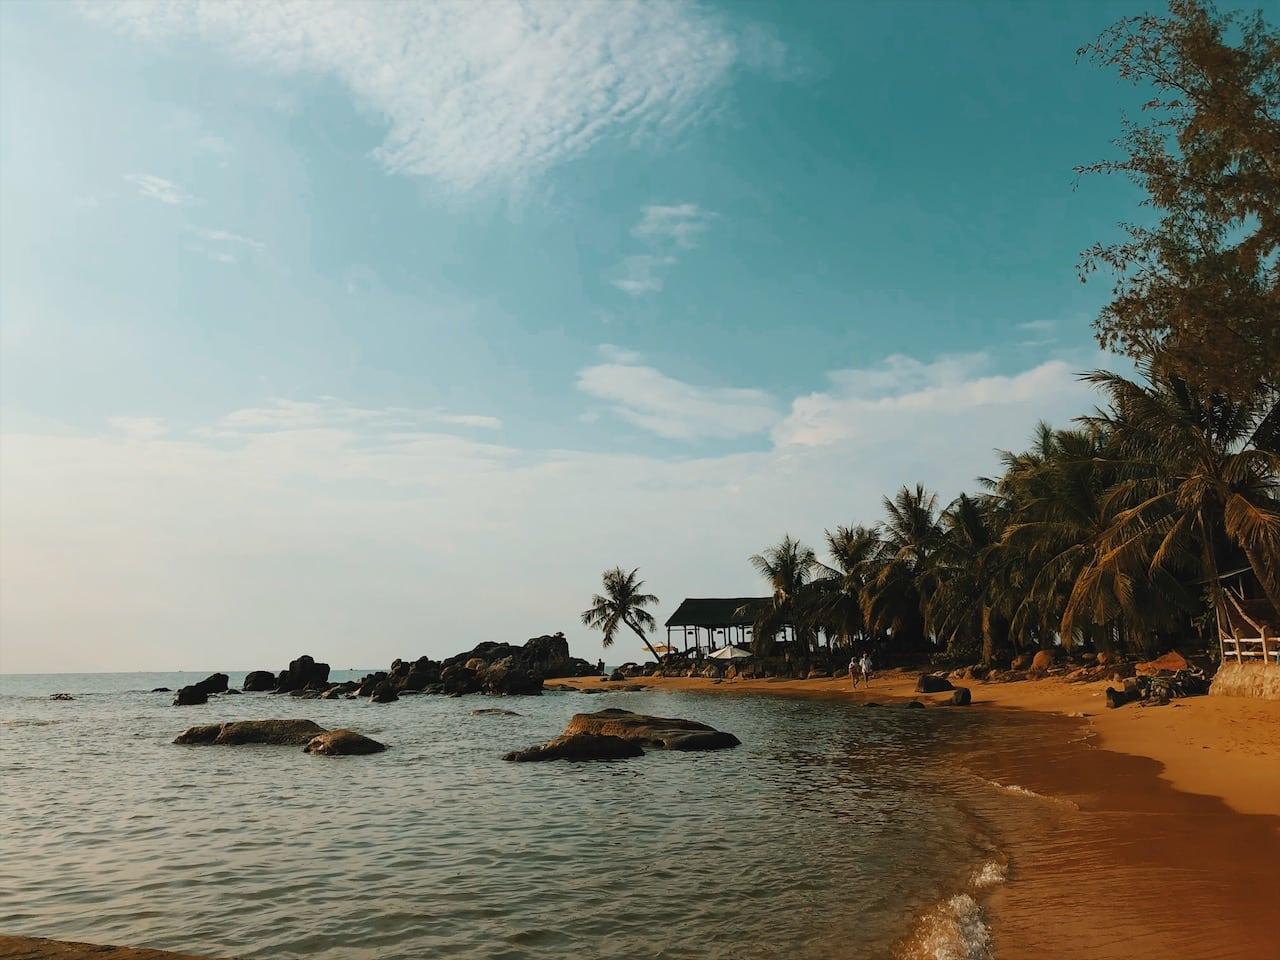 long beach skały, restauracja ciekawe miejsce polecamy wyspa phu quoc wietnam neverendingtravel.pl